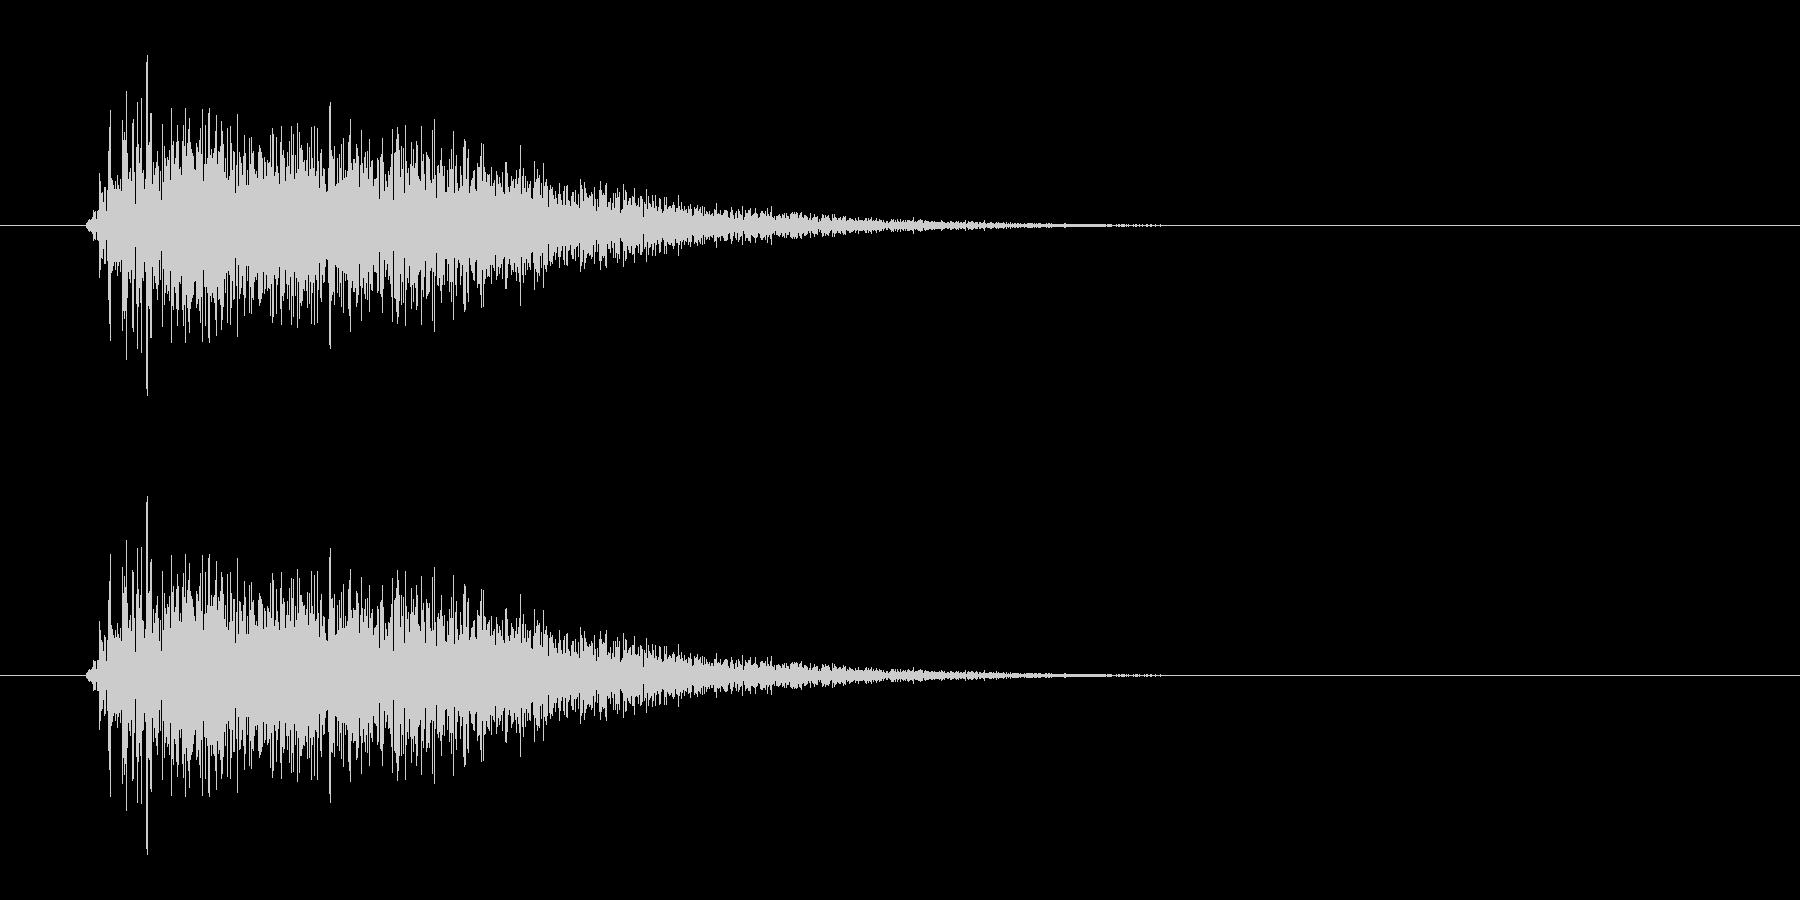 レーザー音-11-3の未再生の波形